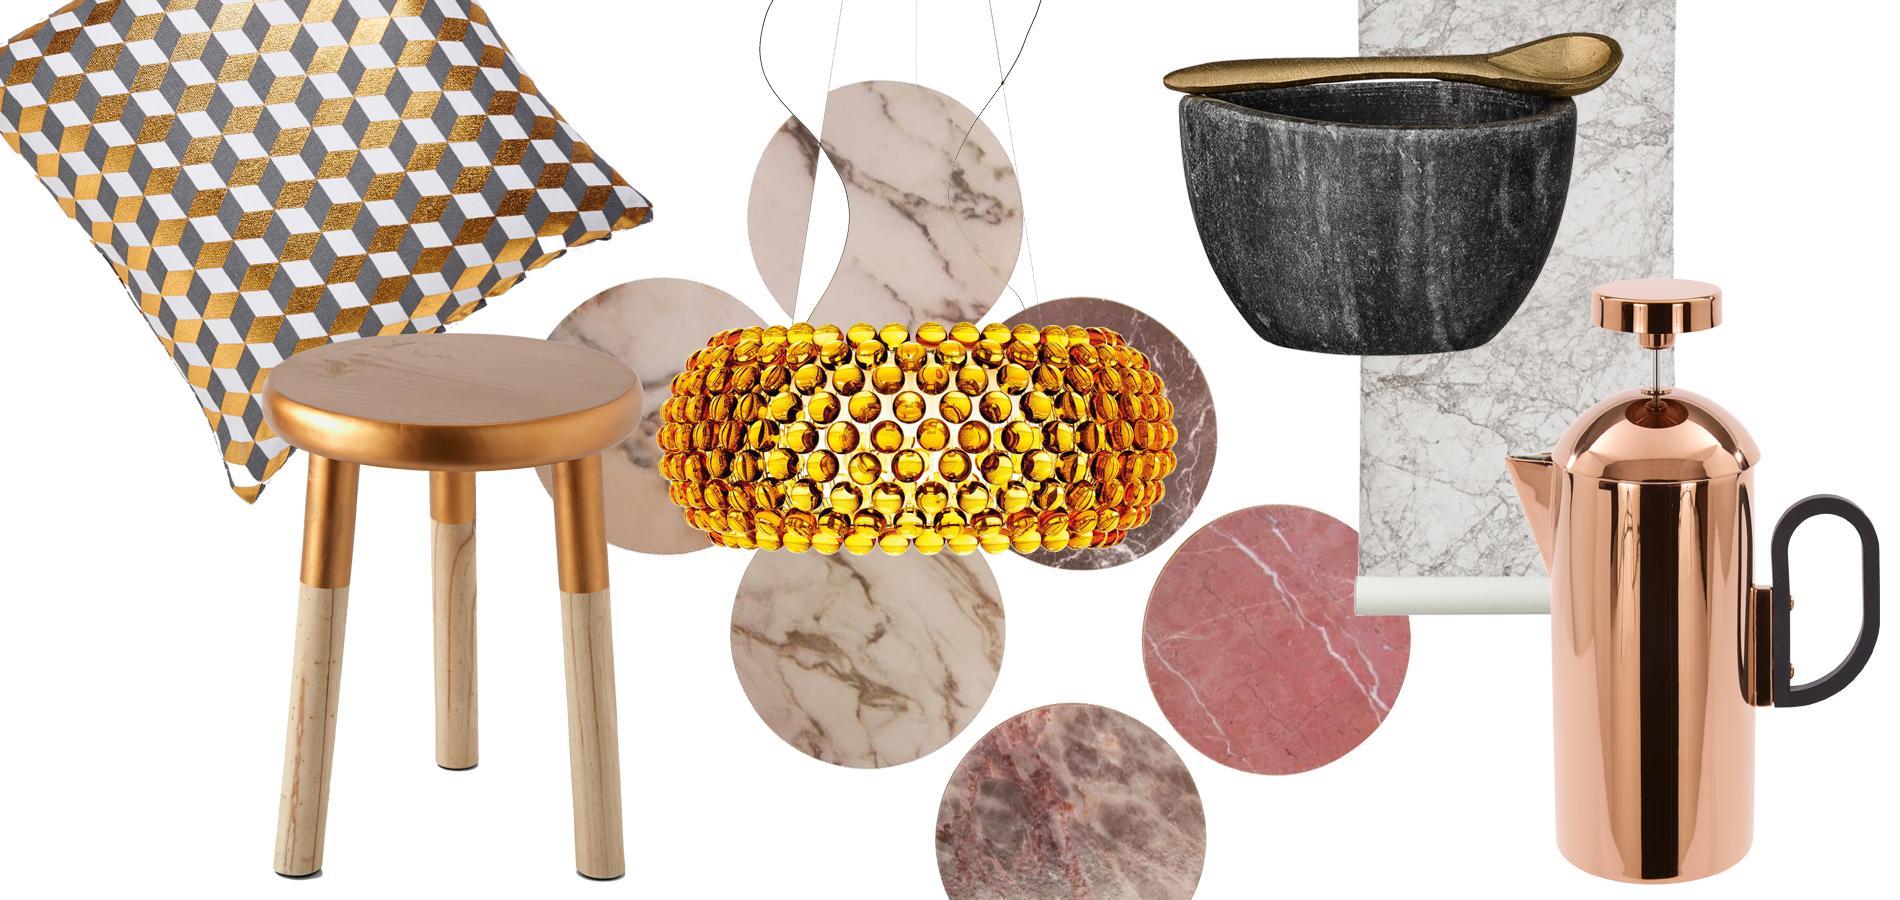 Vingt objets pr cieux pour la maison madame figaro for Pour la maison